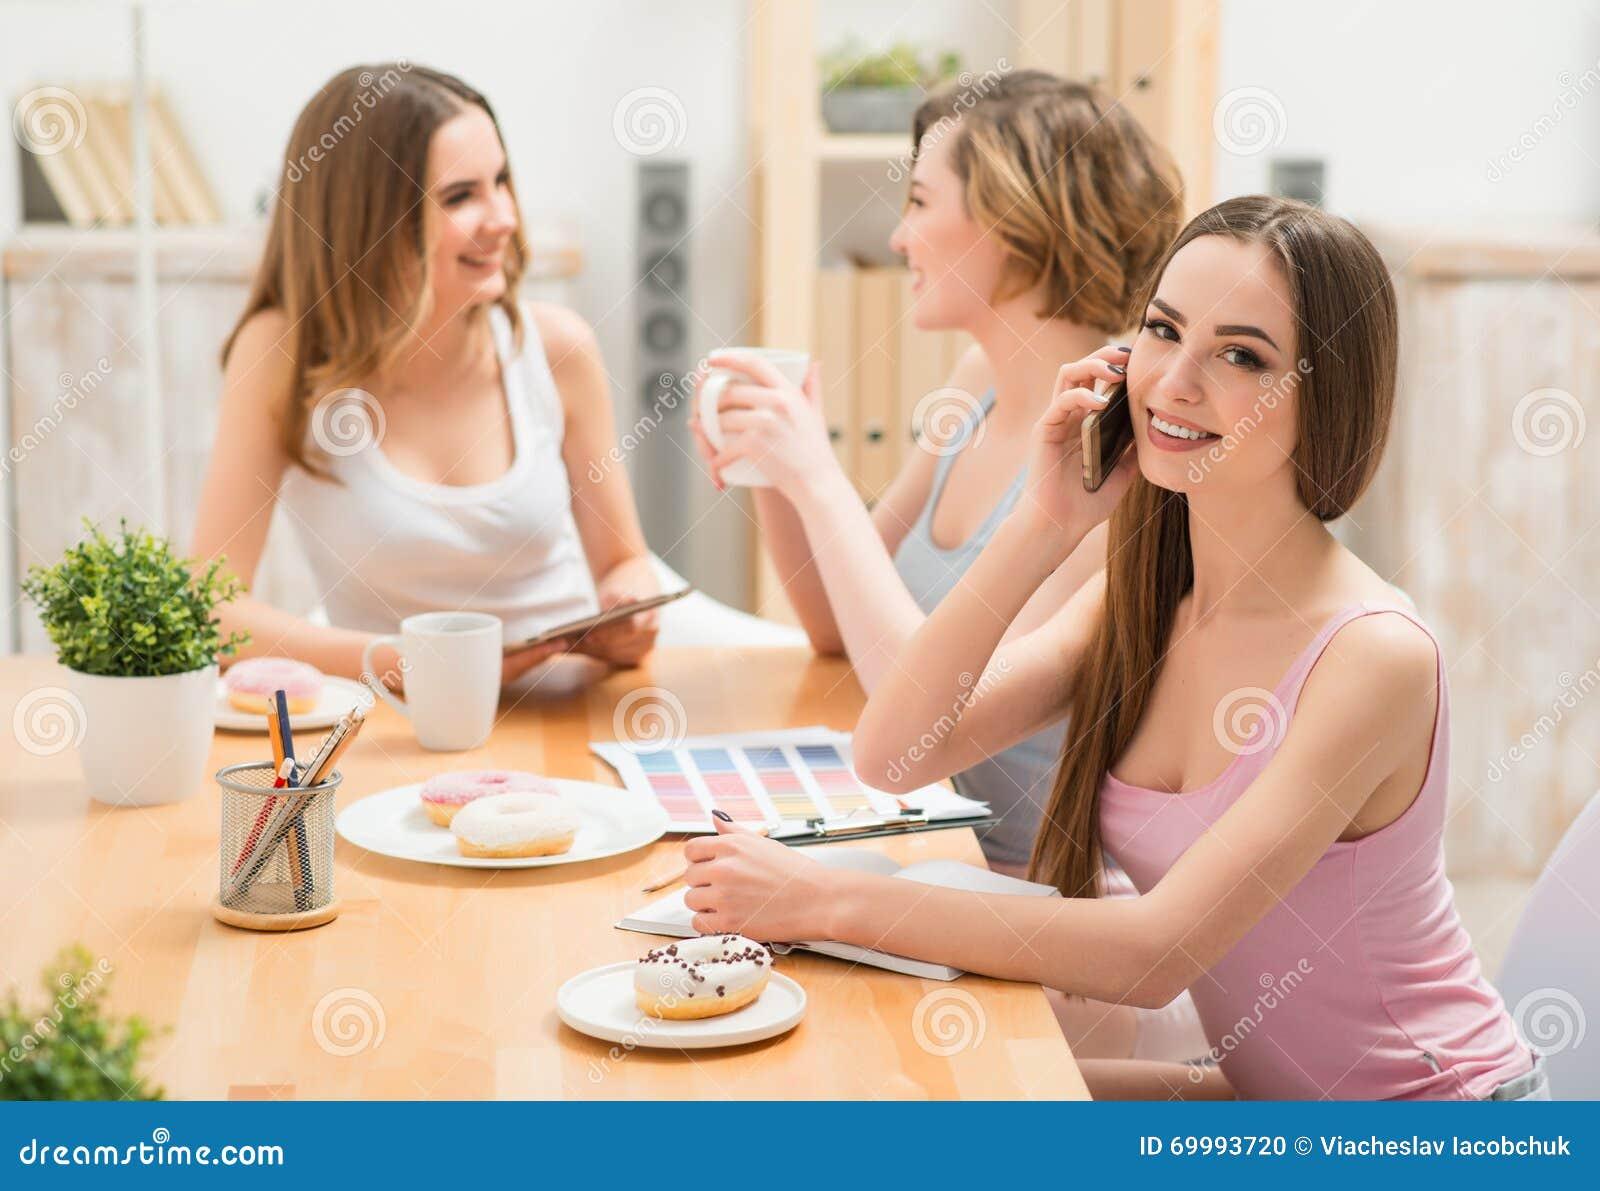 Авки девушек сидя